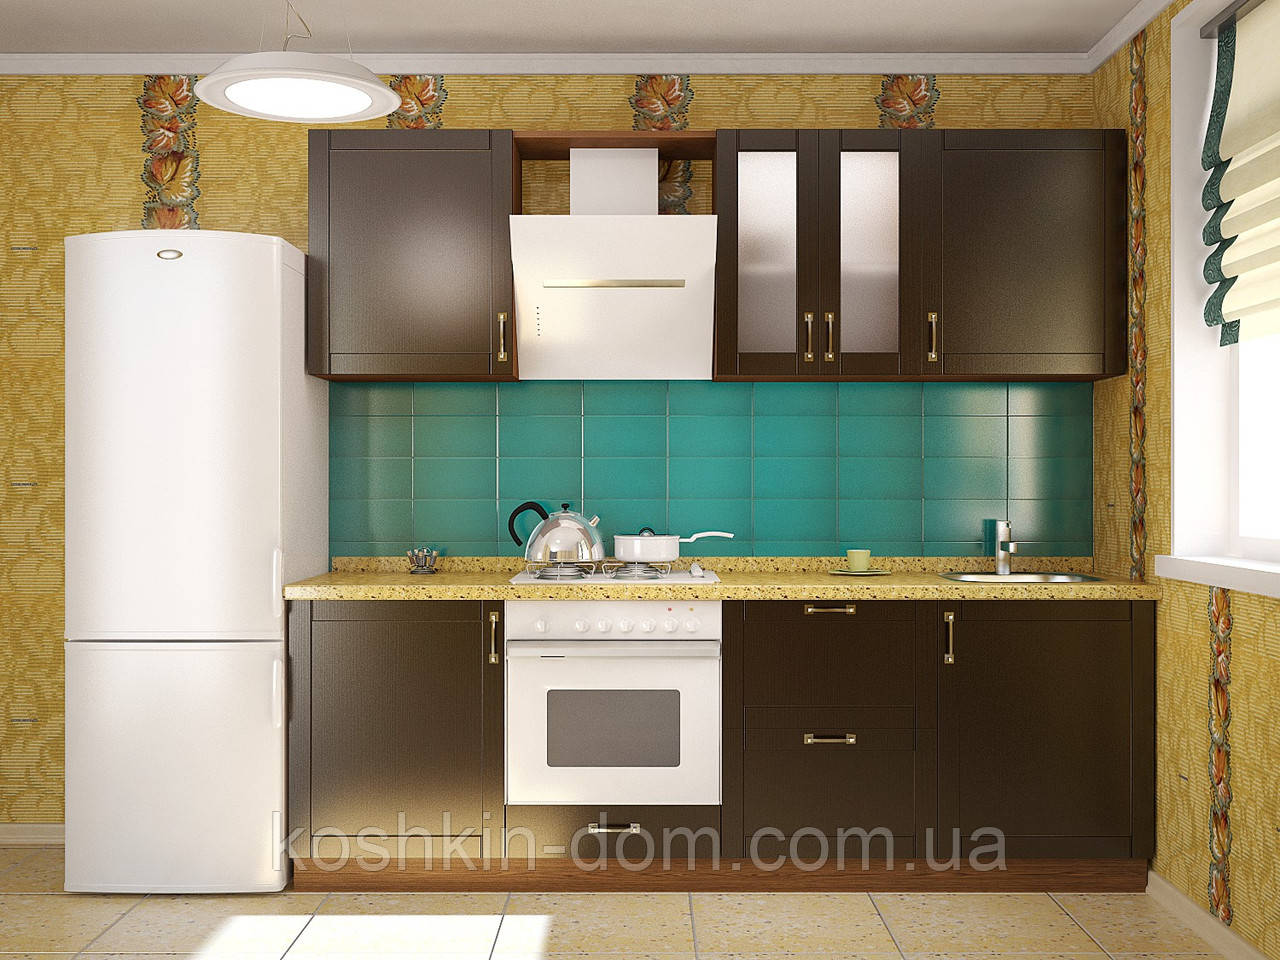 Кухня модульная Рома MDF 2400 мм